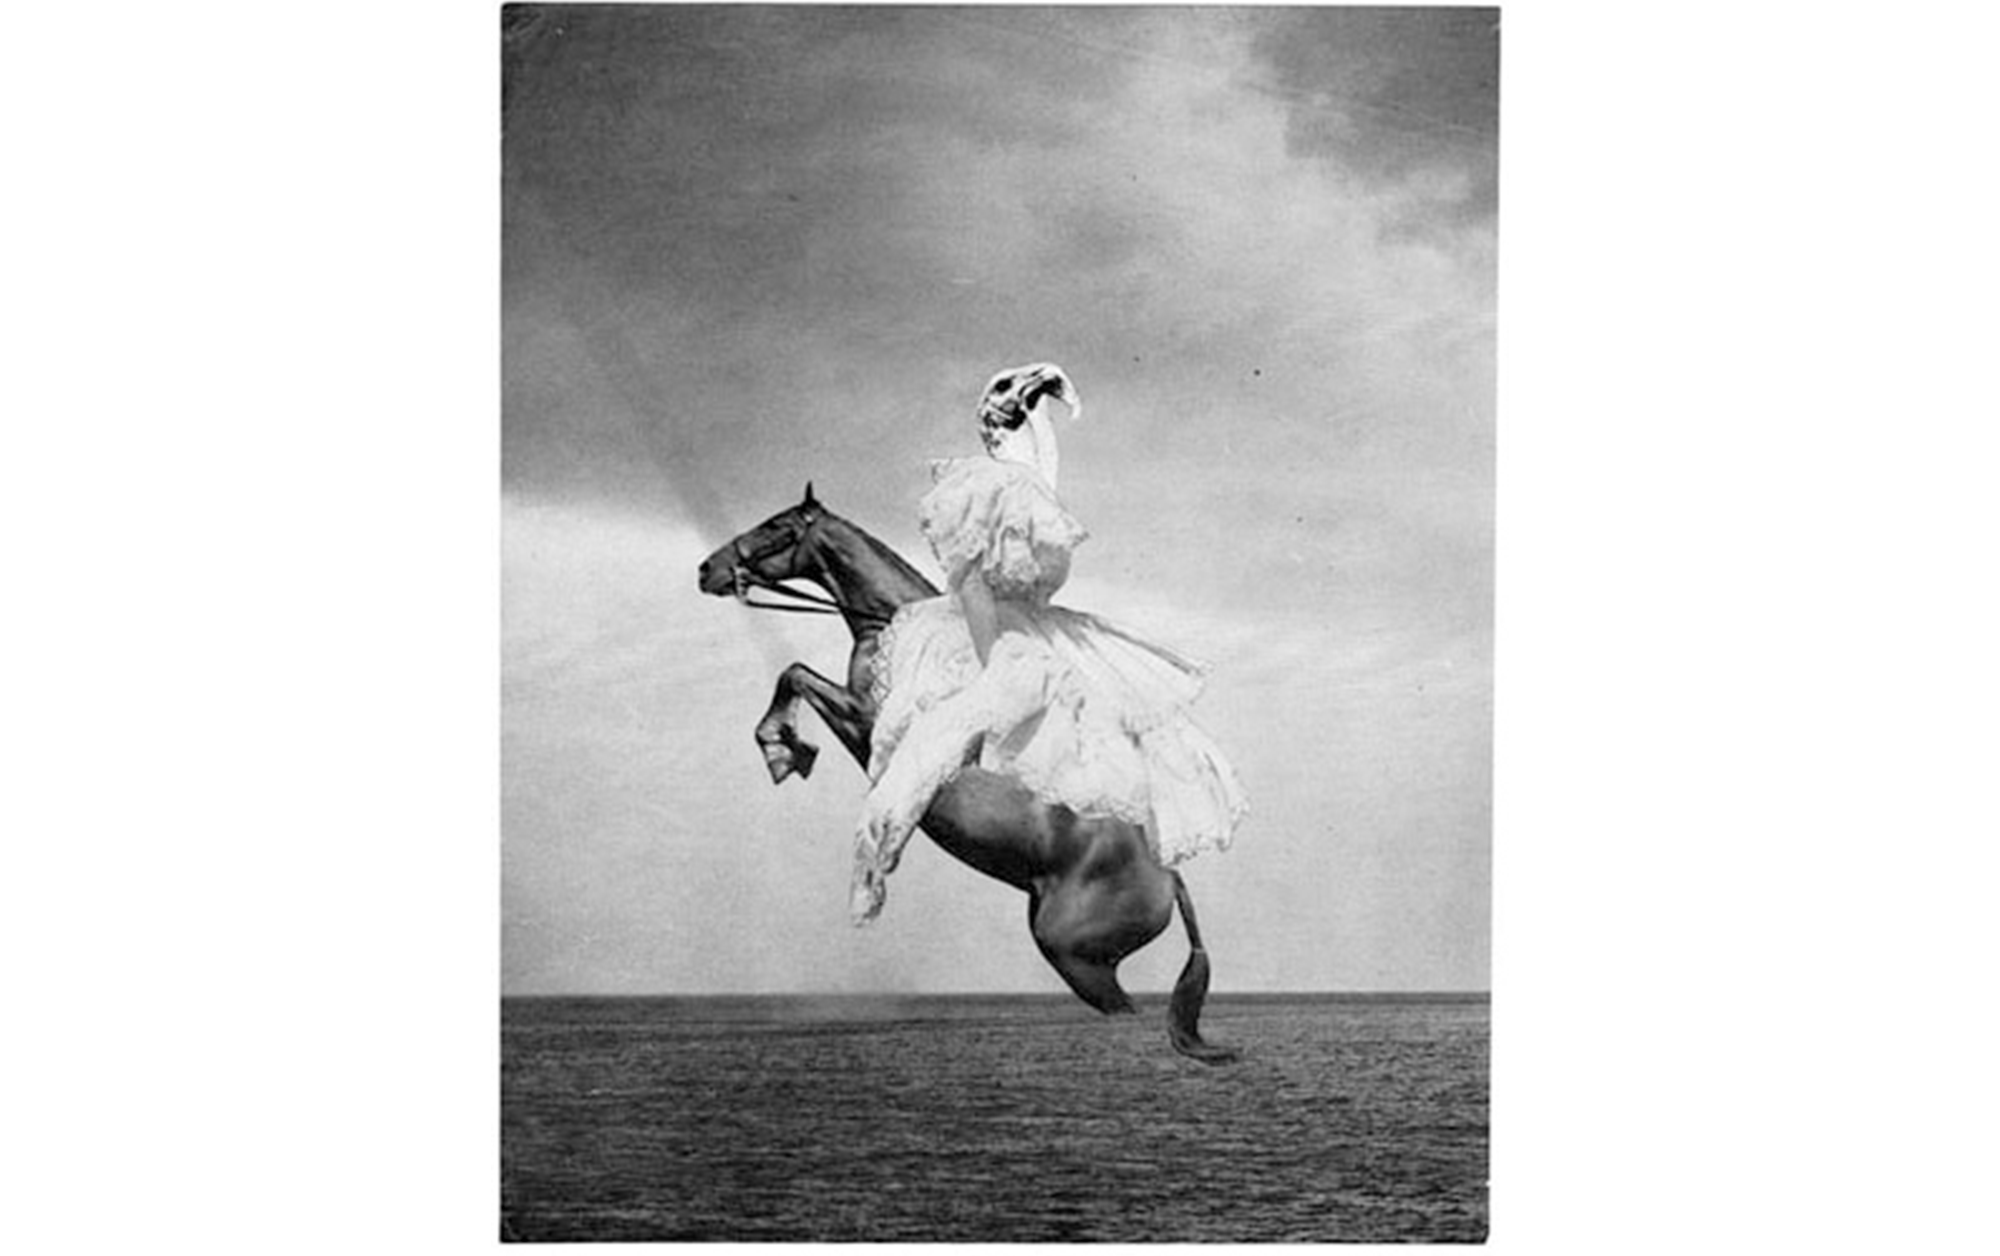 書店員がピックアップする5月のおすすめ写真集【銀座 蔦屋書店編】 | 岡上淑子『岡上淑子 全作品 シルクスクリーン付特装版』